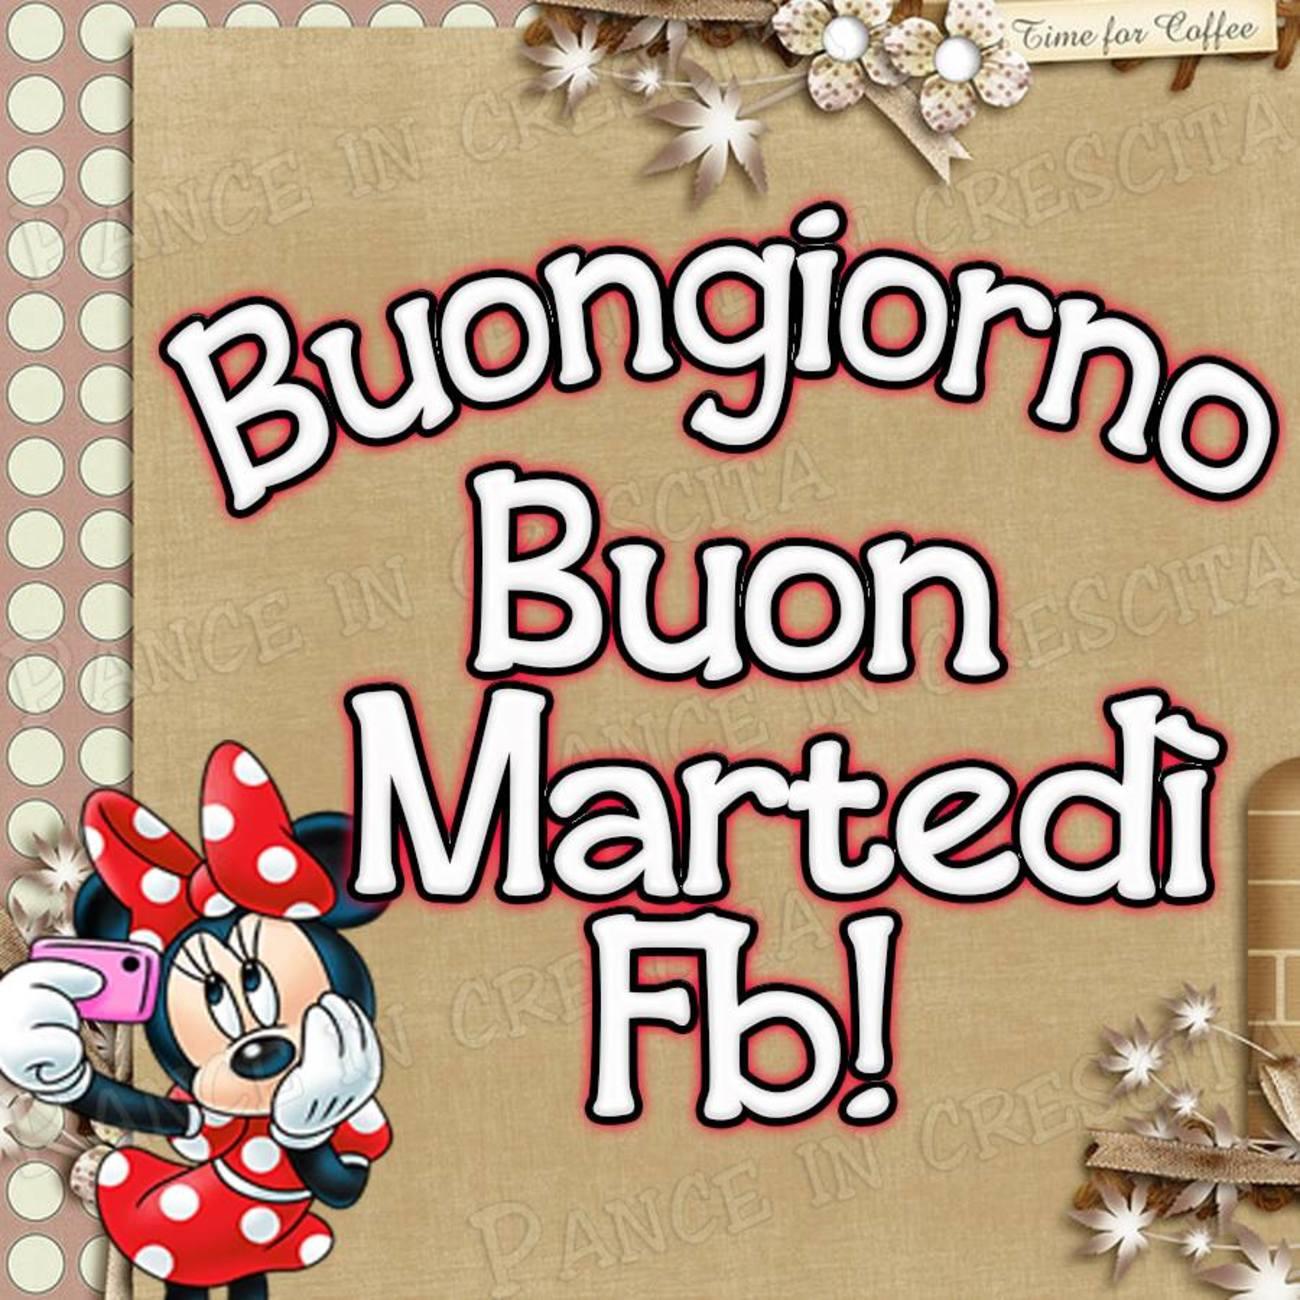 Buongiorno e buon martedì amici facebook